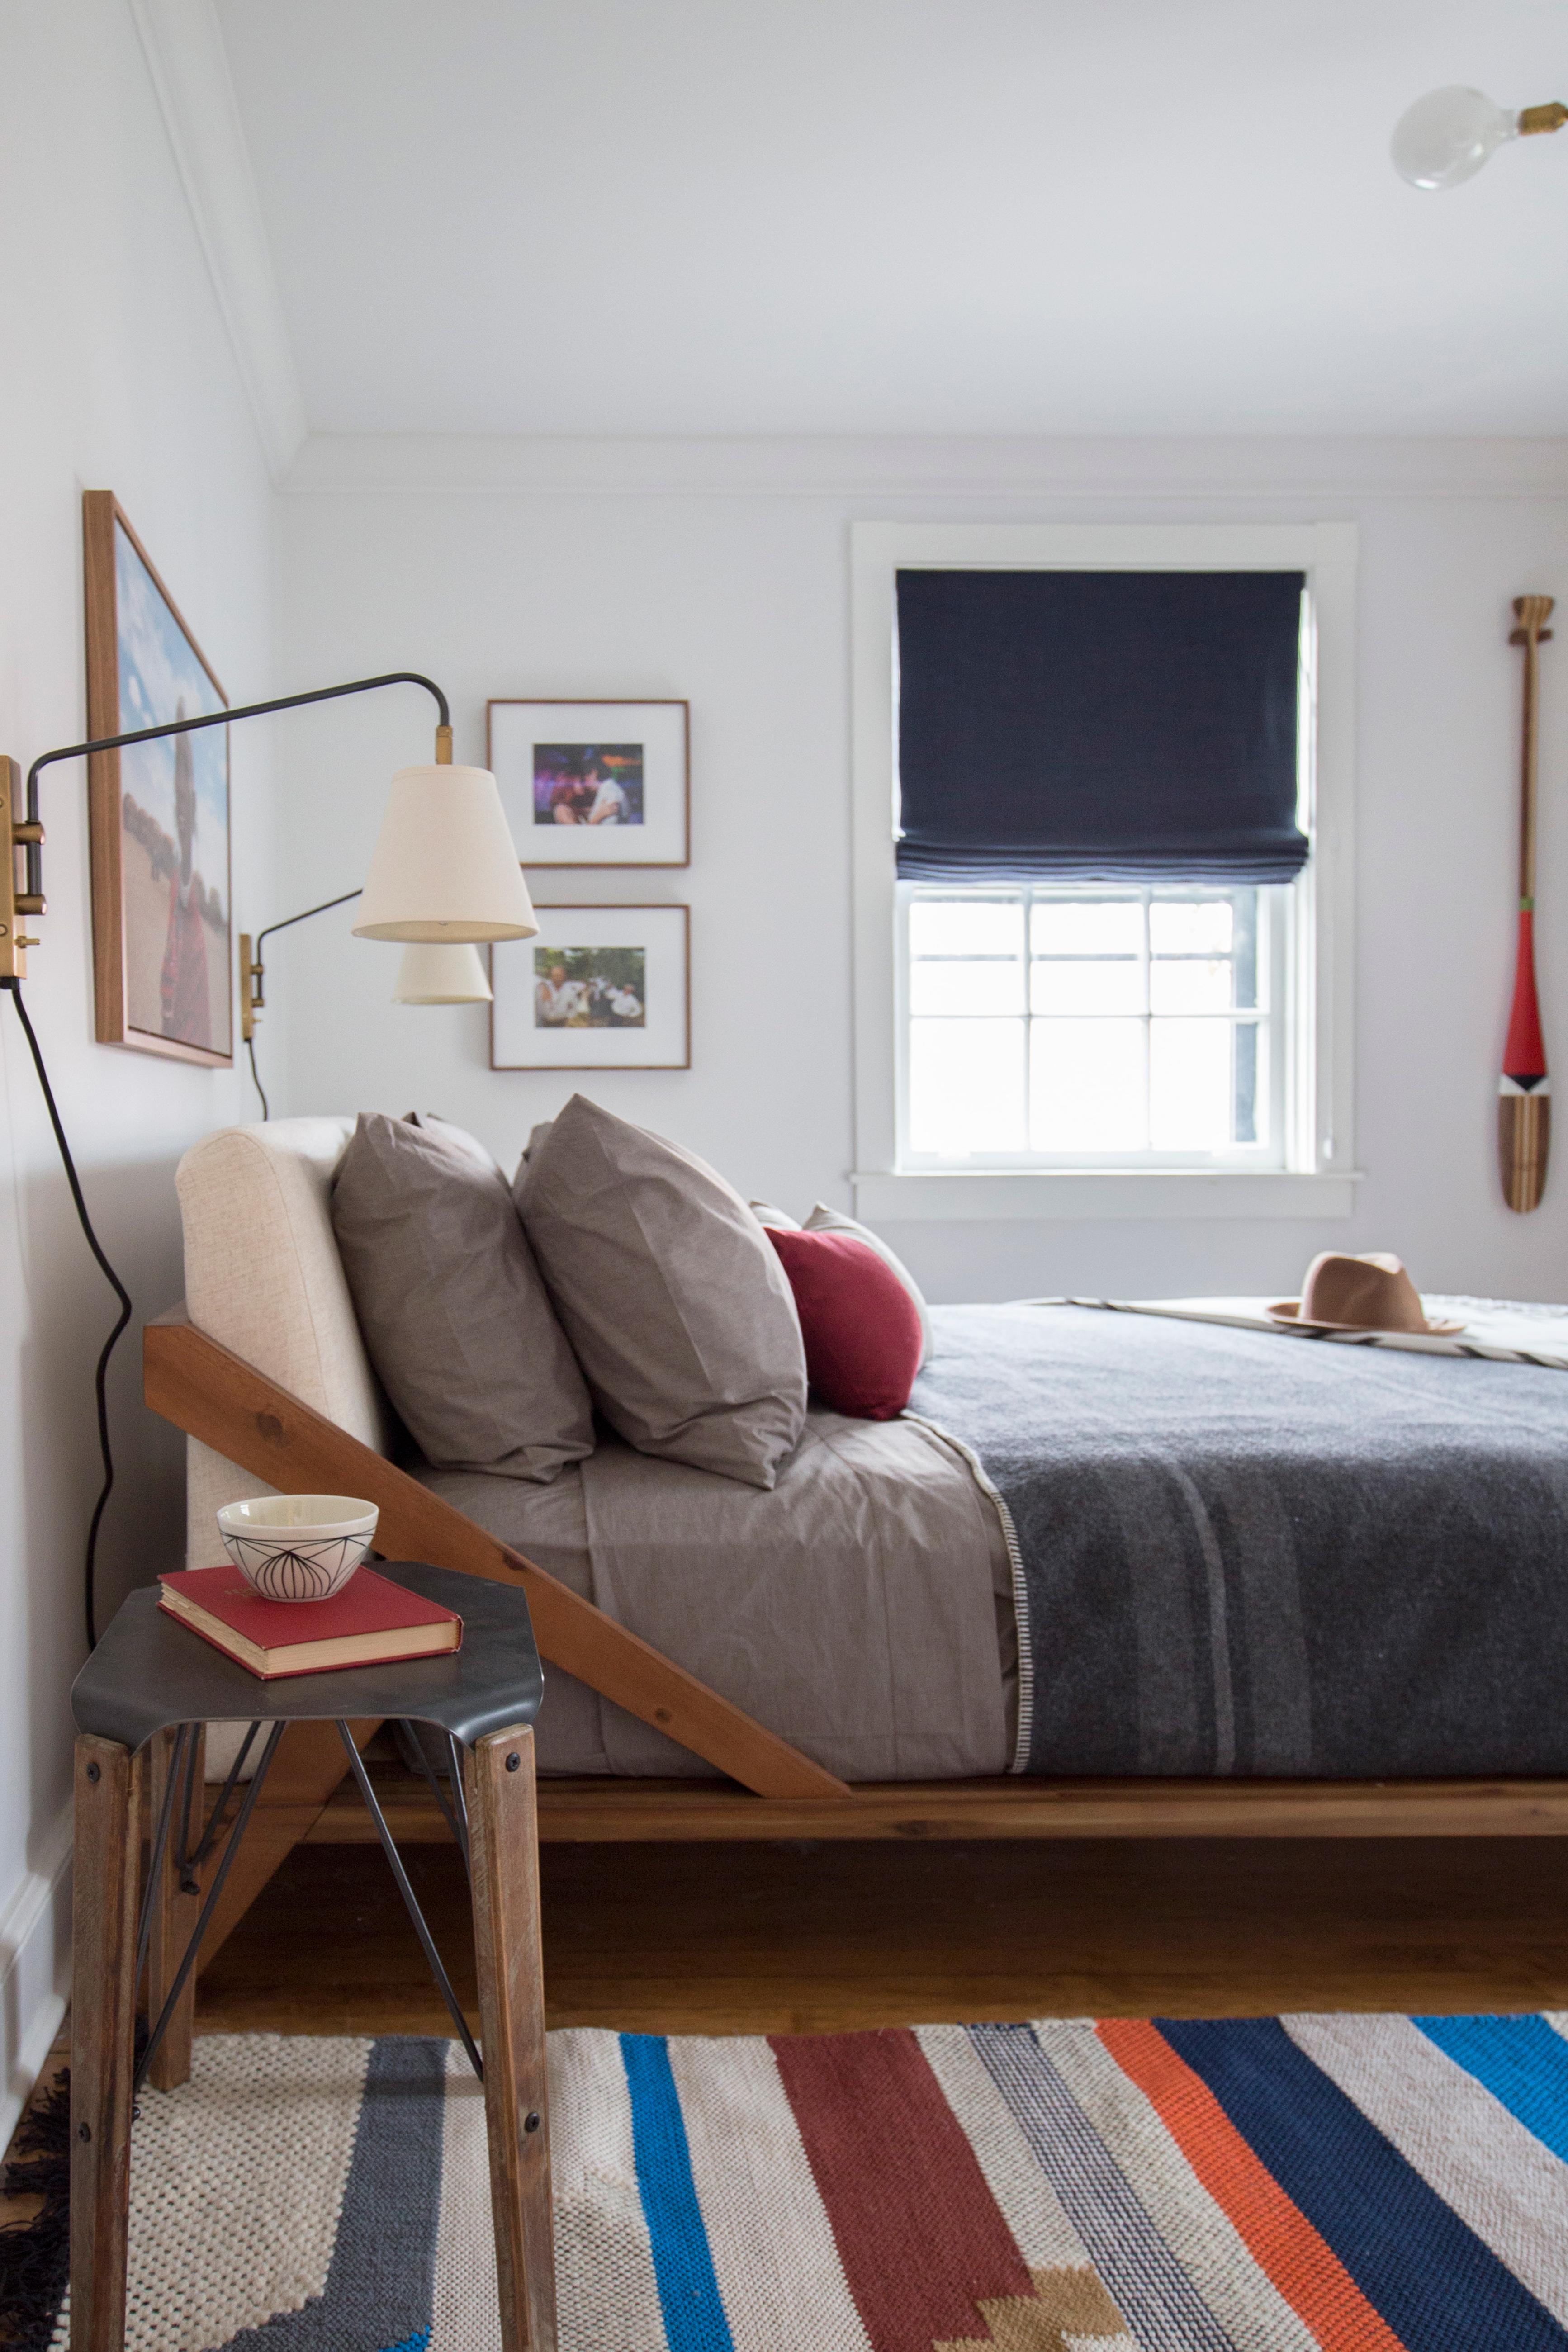 Designer Tips for Mixing Interior Styles Francois et Moi